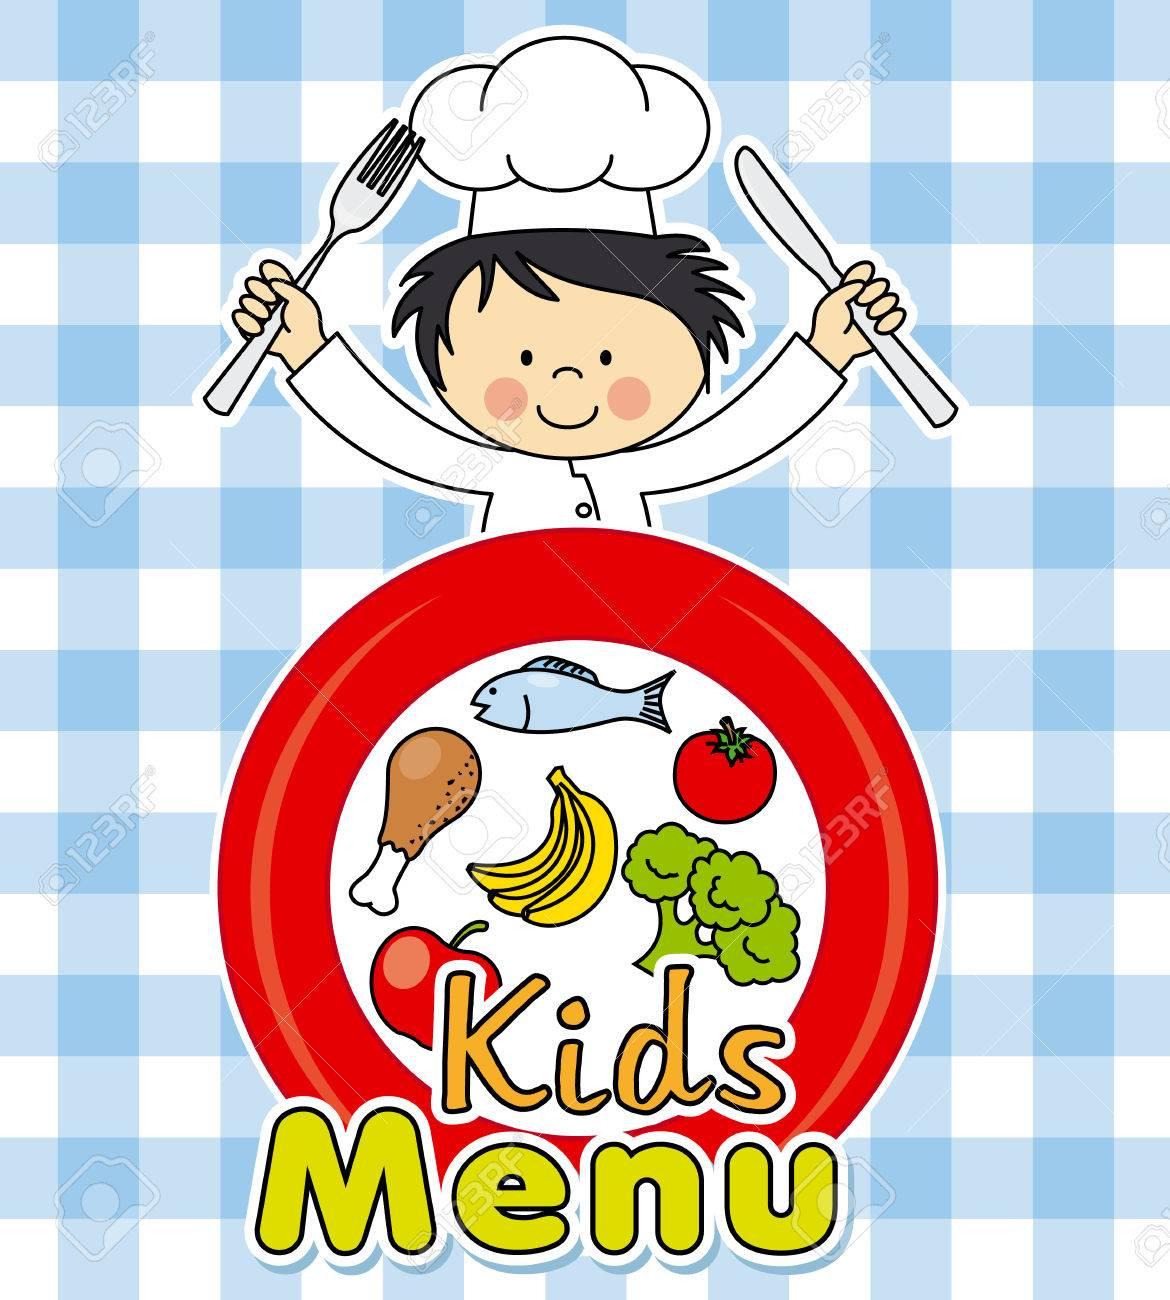 Kids Menu Healthy Food Boy Chef Royalty Free Cliparts Vectors